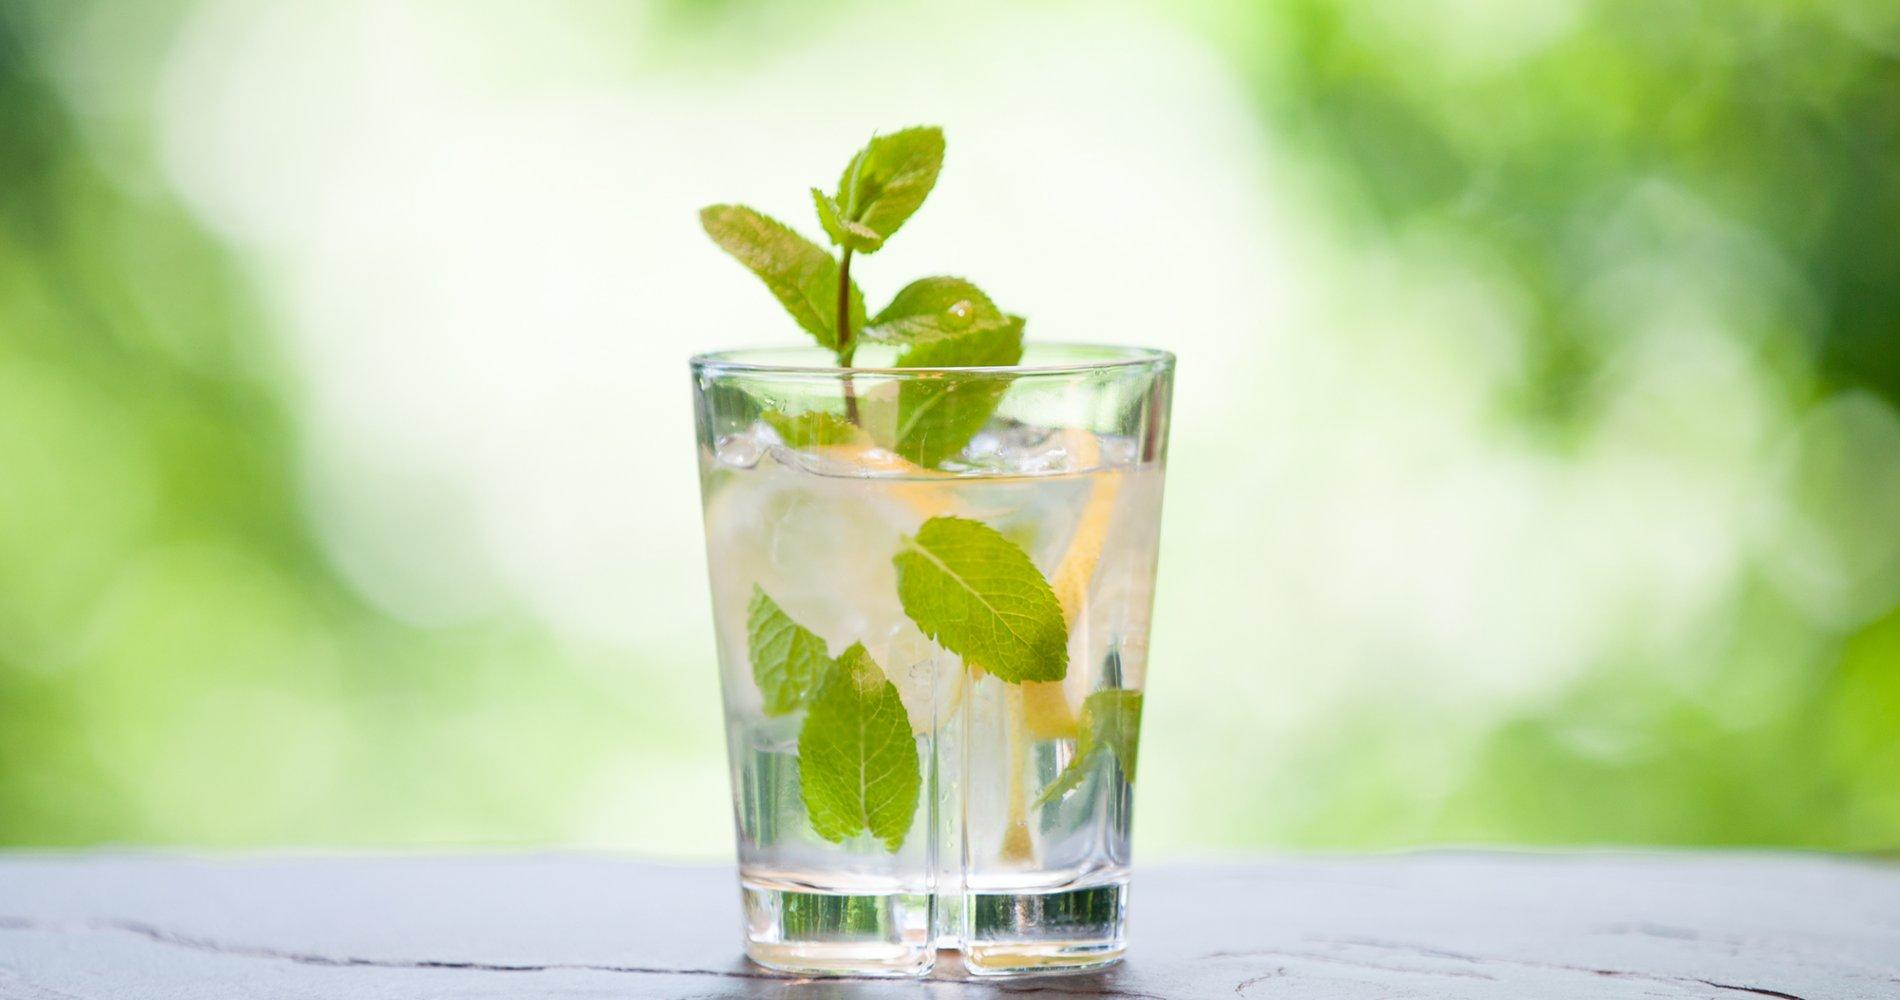 Rezept Low Carb: Zitronen-Minzwasser - LCHF-gesund.de